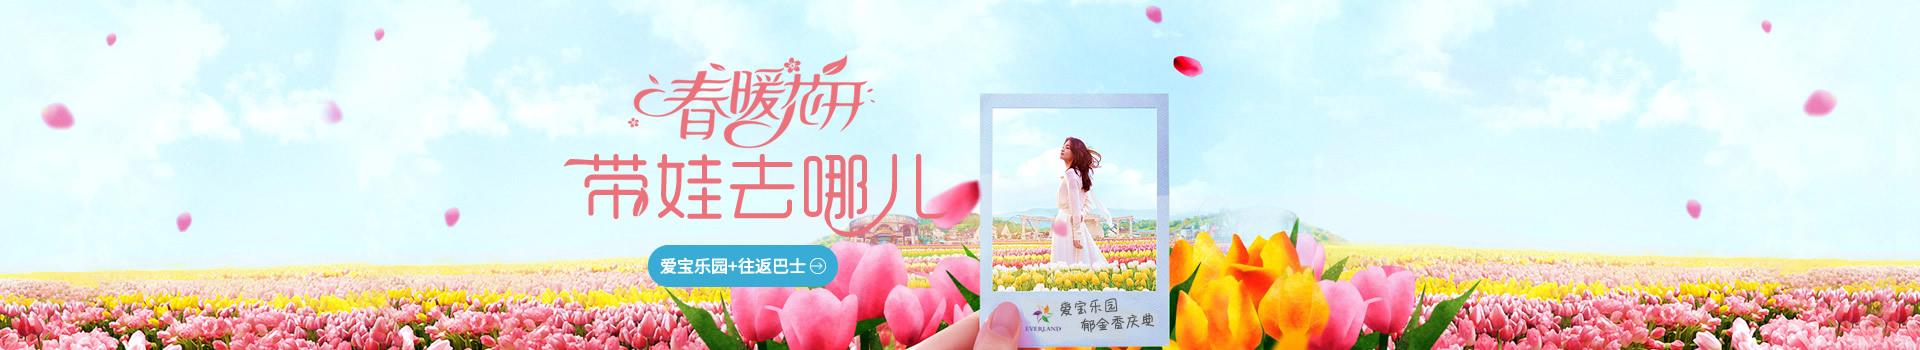 韩国爱宝乐园郁金香庆典